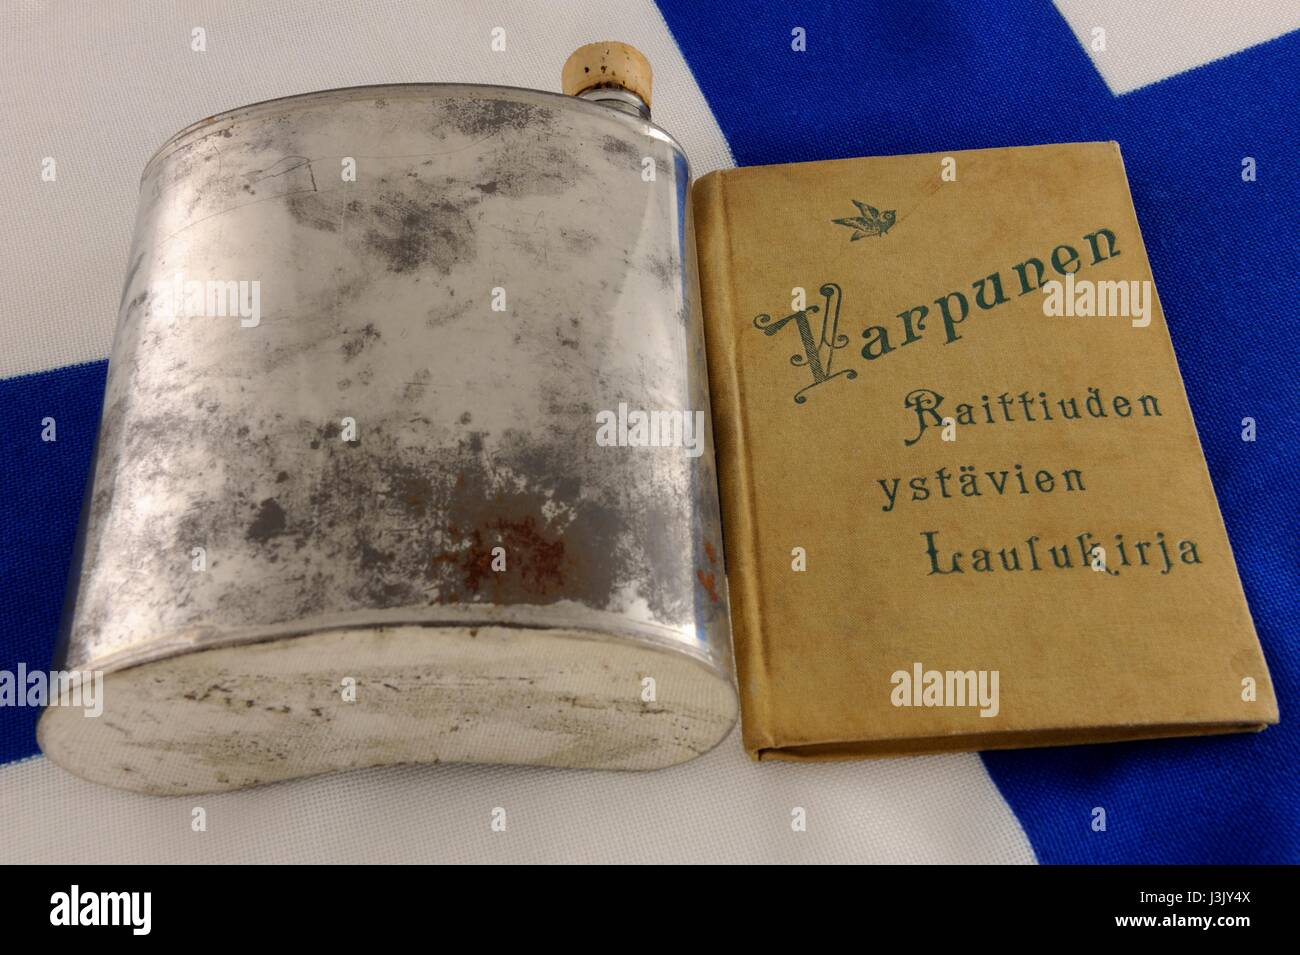 Un Quarto Di Litro.In Finlandia Abbiamo Avuto Divieto 01 06 1919 05 04 1932